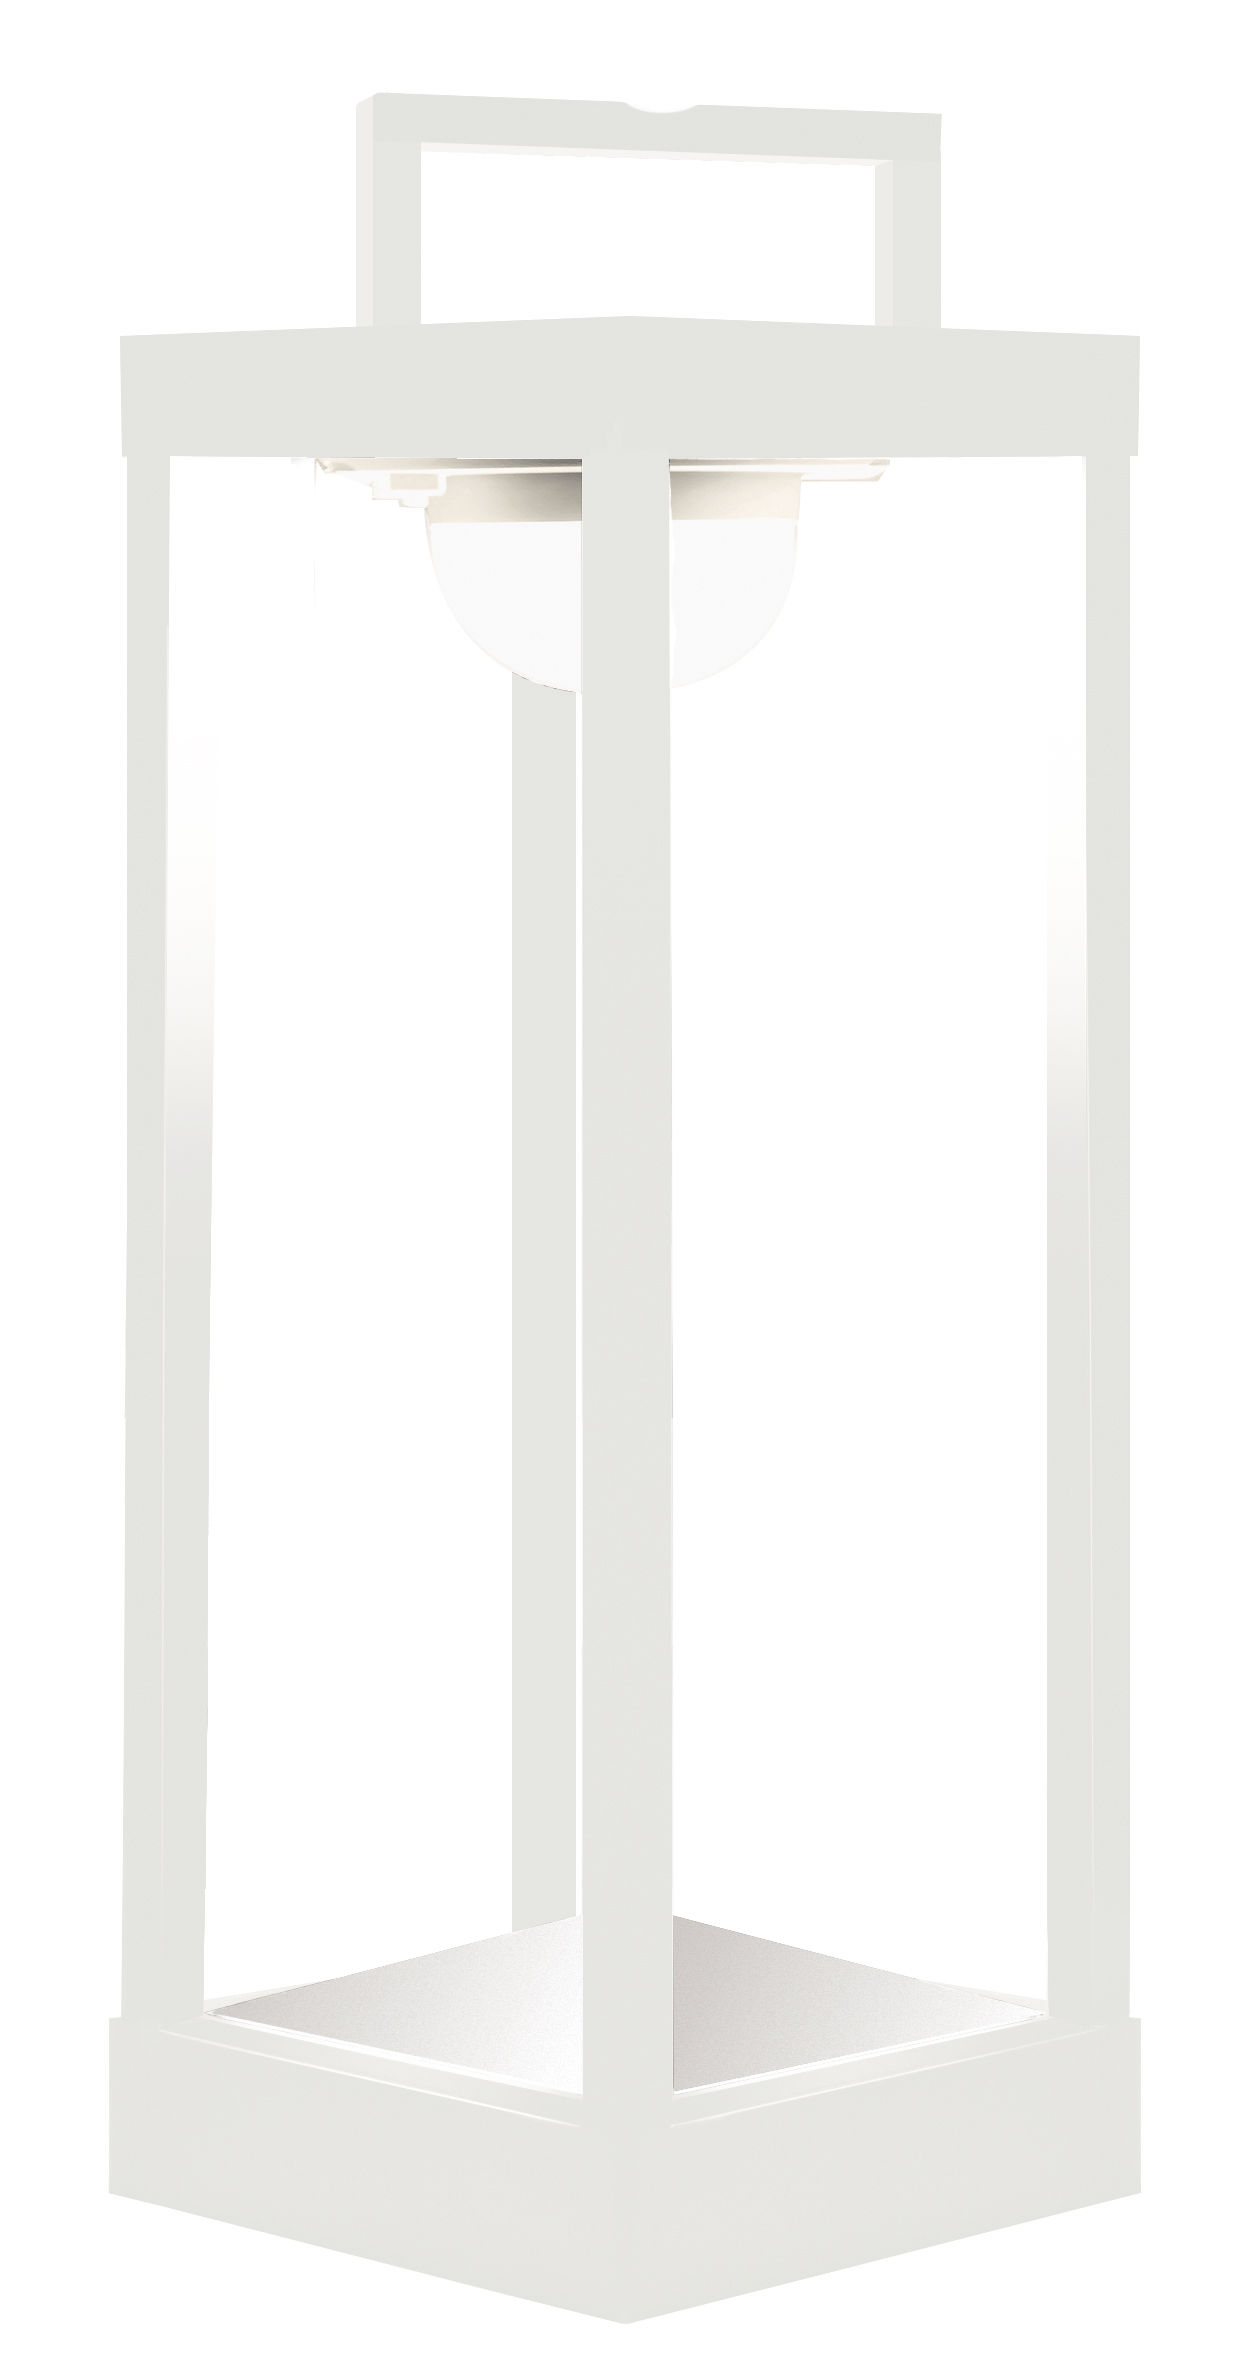 Luminaire - Lampes de table - Lampe solaire La Lampe Parc L LED / Hybride & connectée - Dock USB - H 50 cm - Maiori - Blanc - Aluminium, Verre